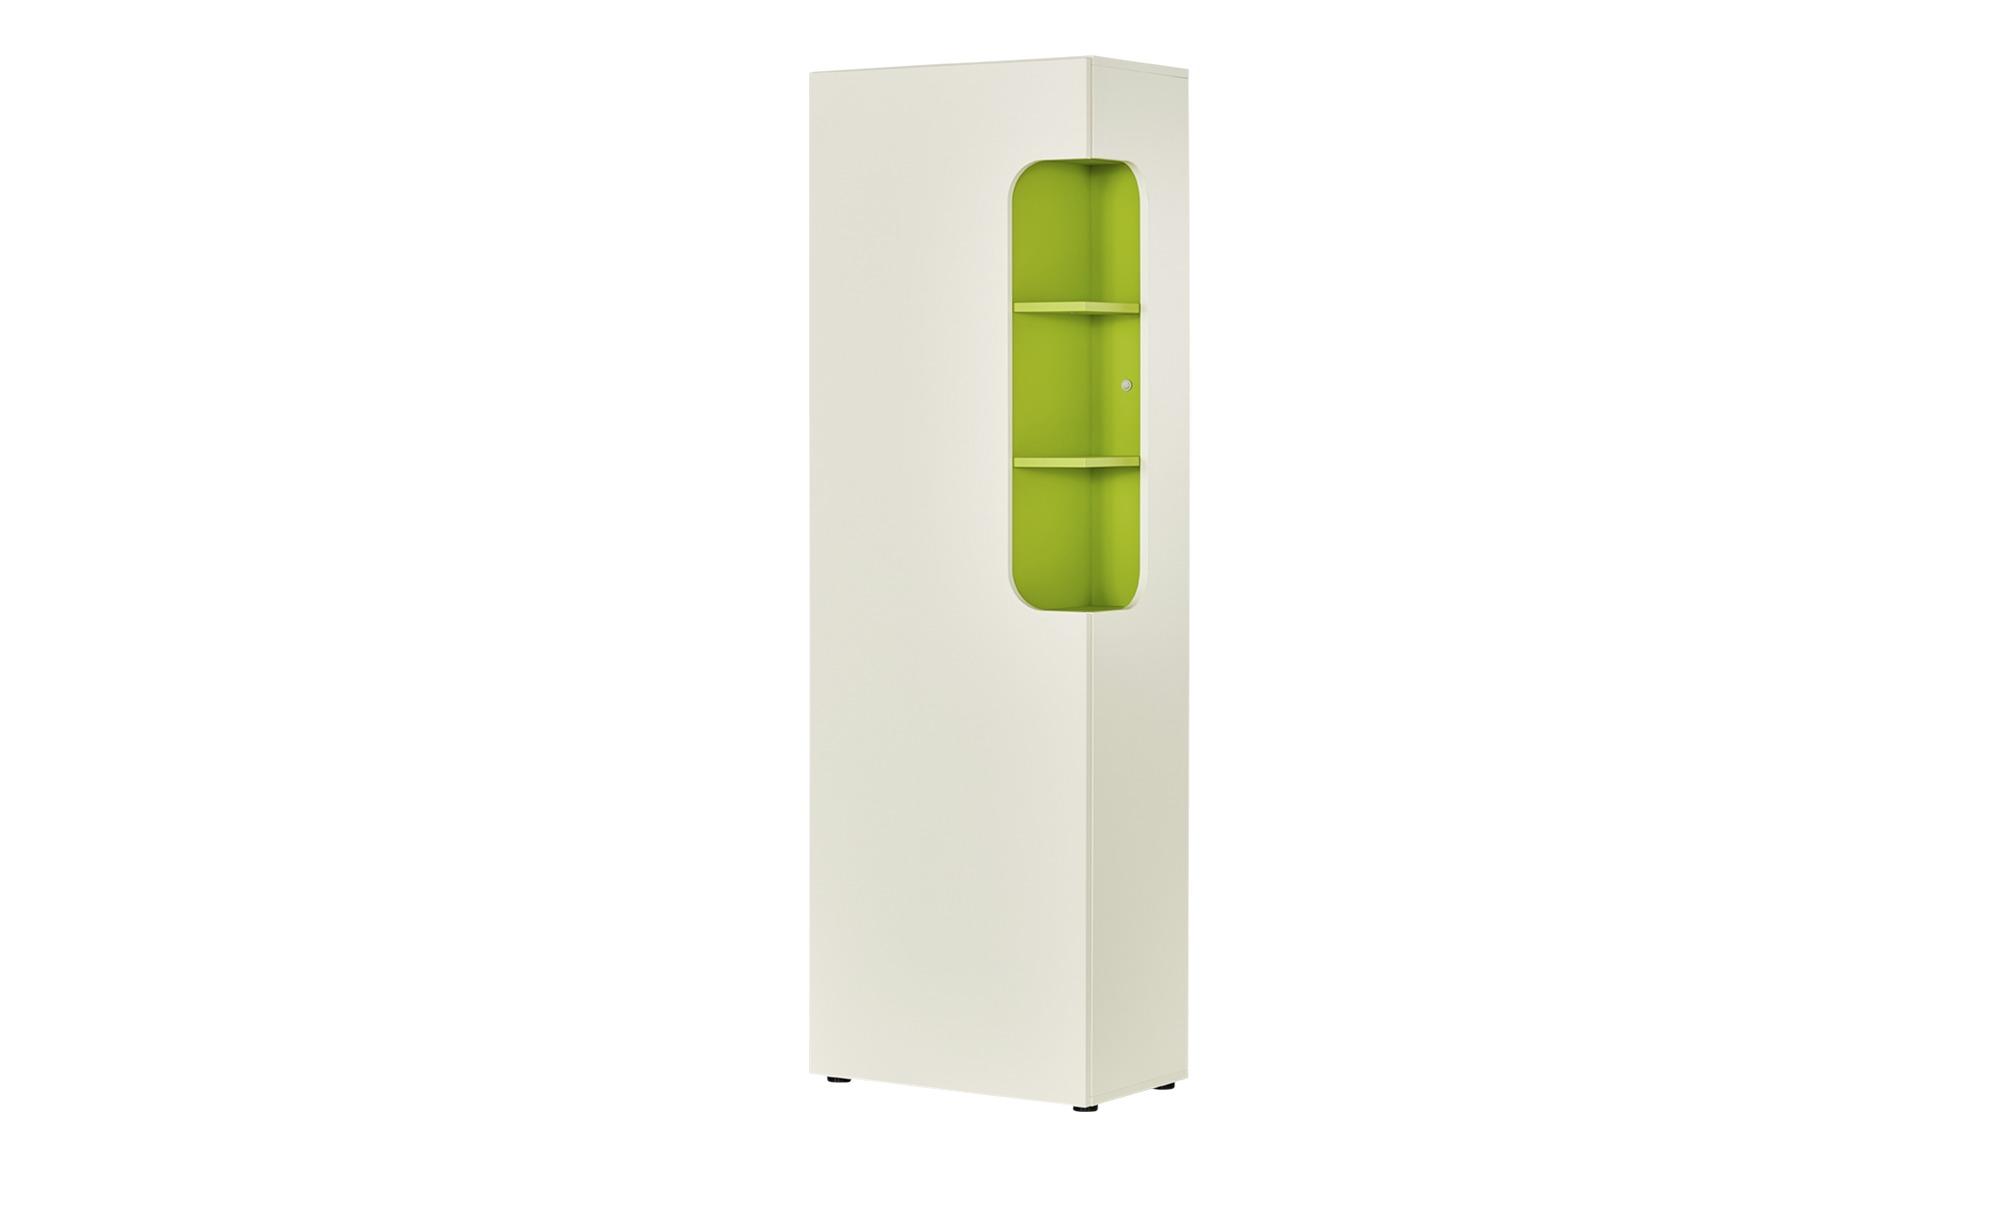 kleiderschrank 1 t rig maddox links m bel h ffner. Black Bedroom Furniture Sets. Home Design Ideas